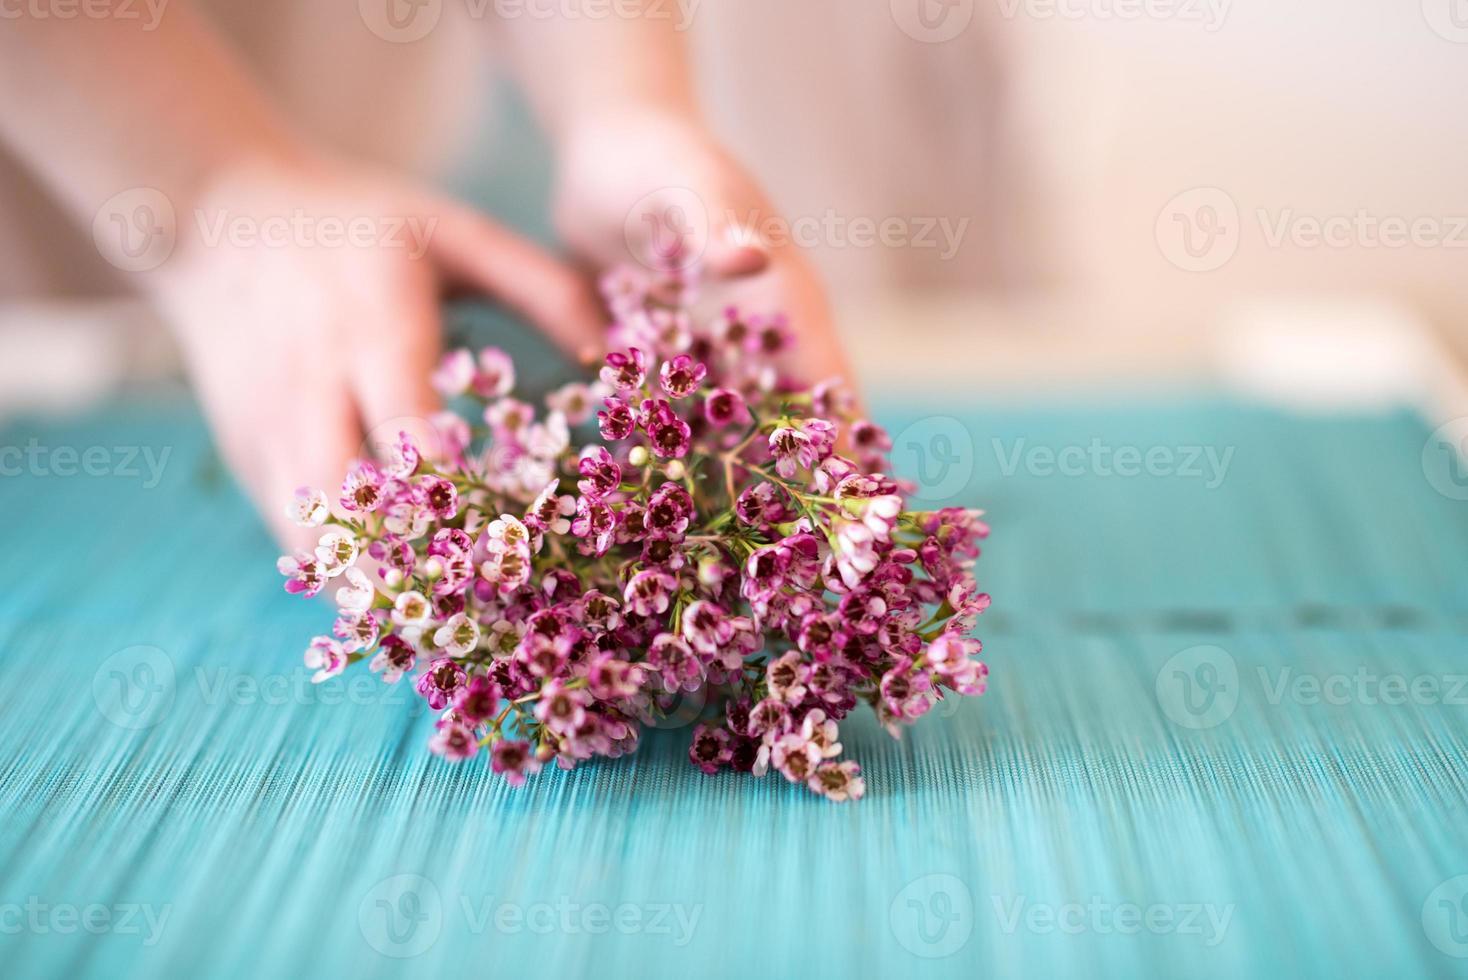 bloemist wax bloemen boeket maken foto